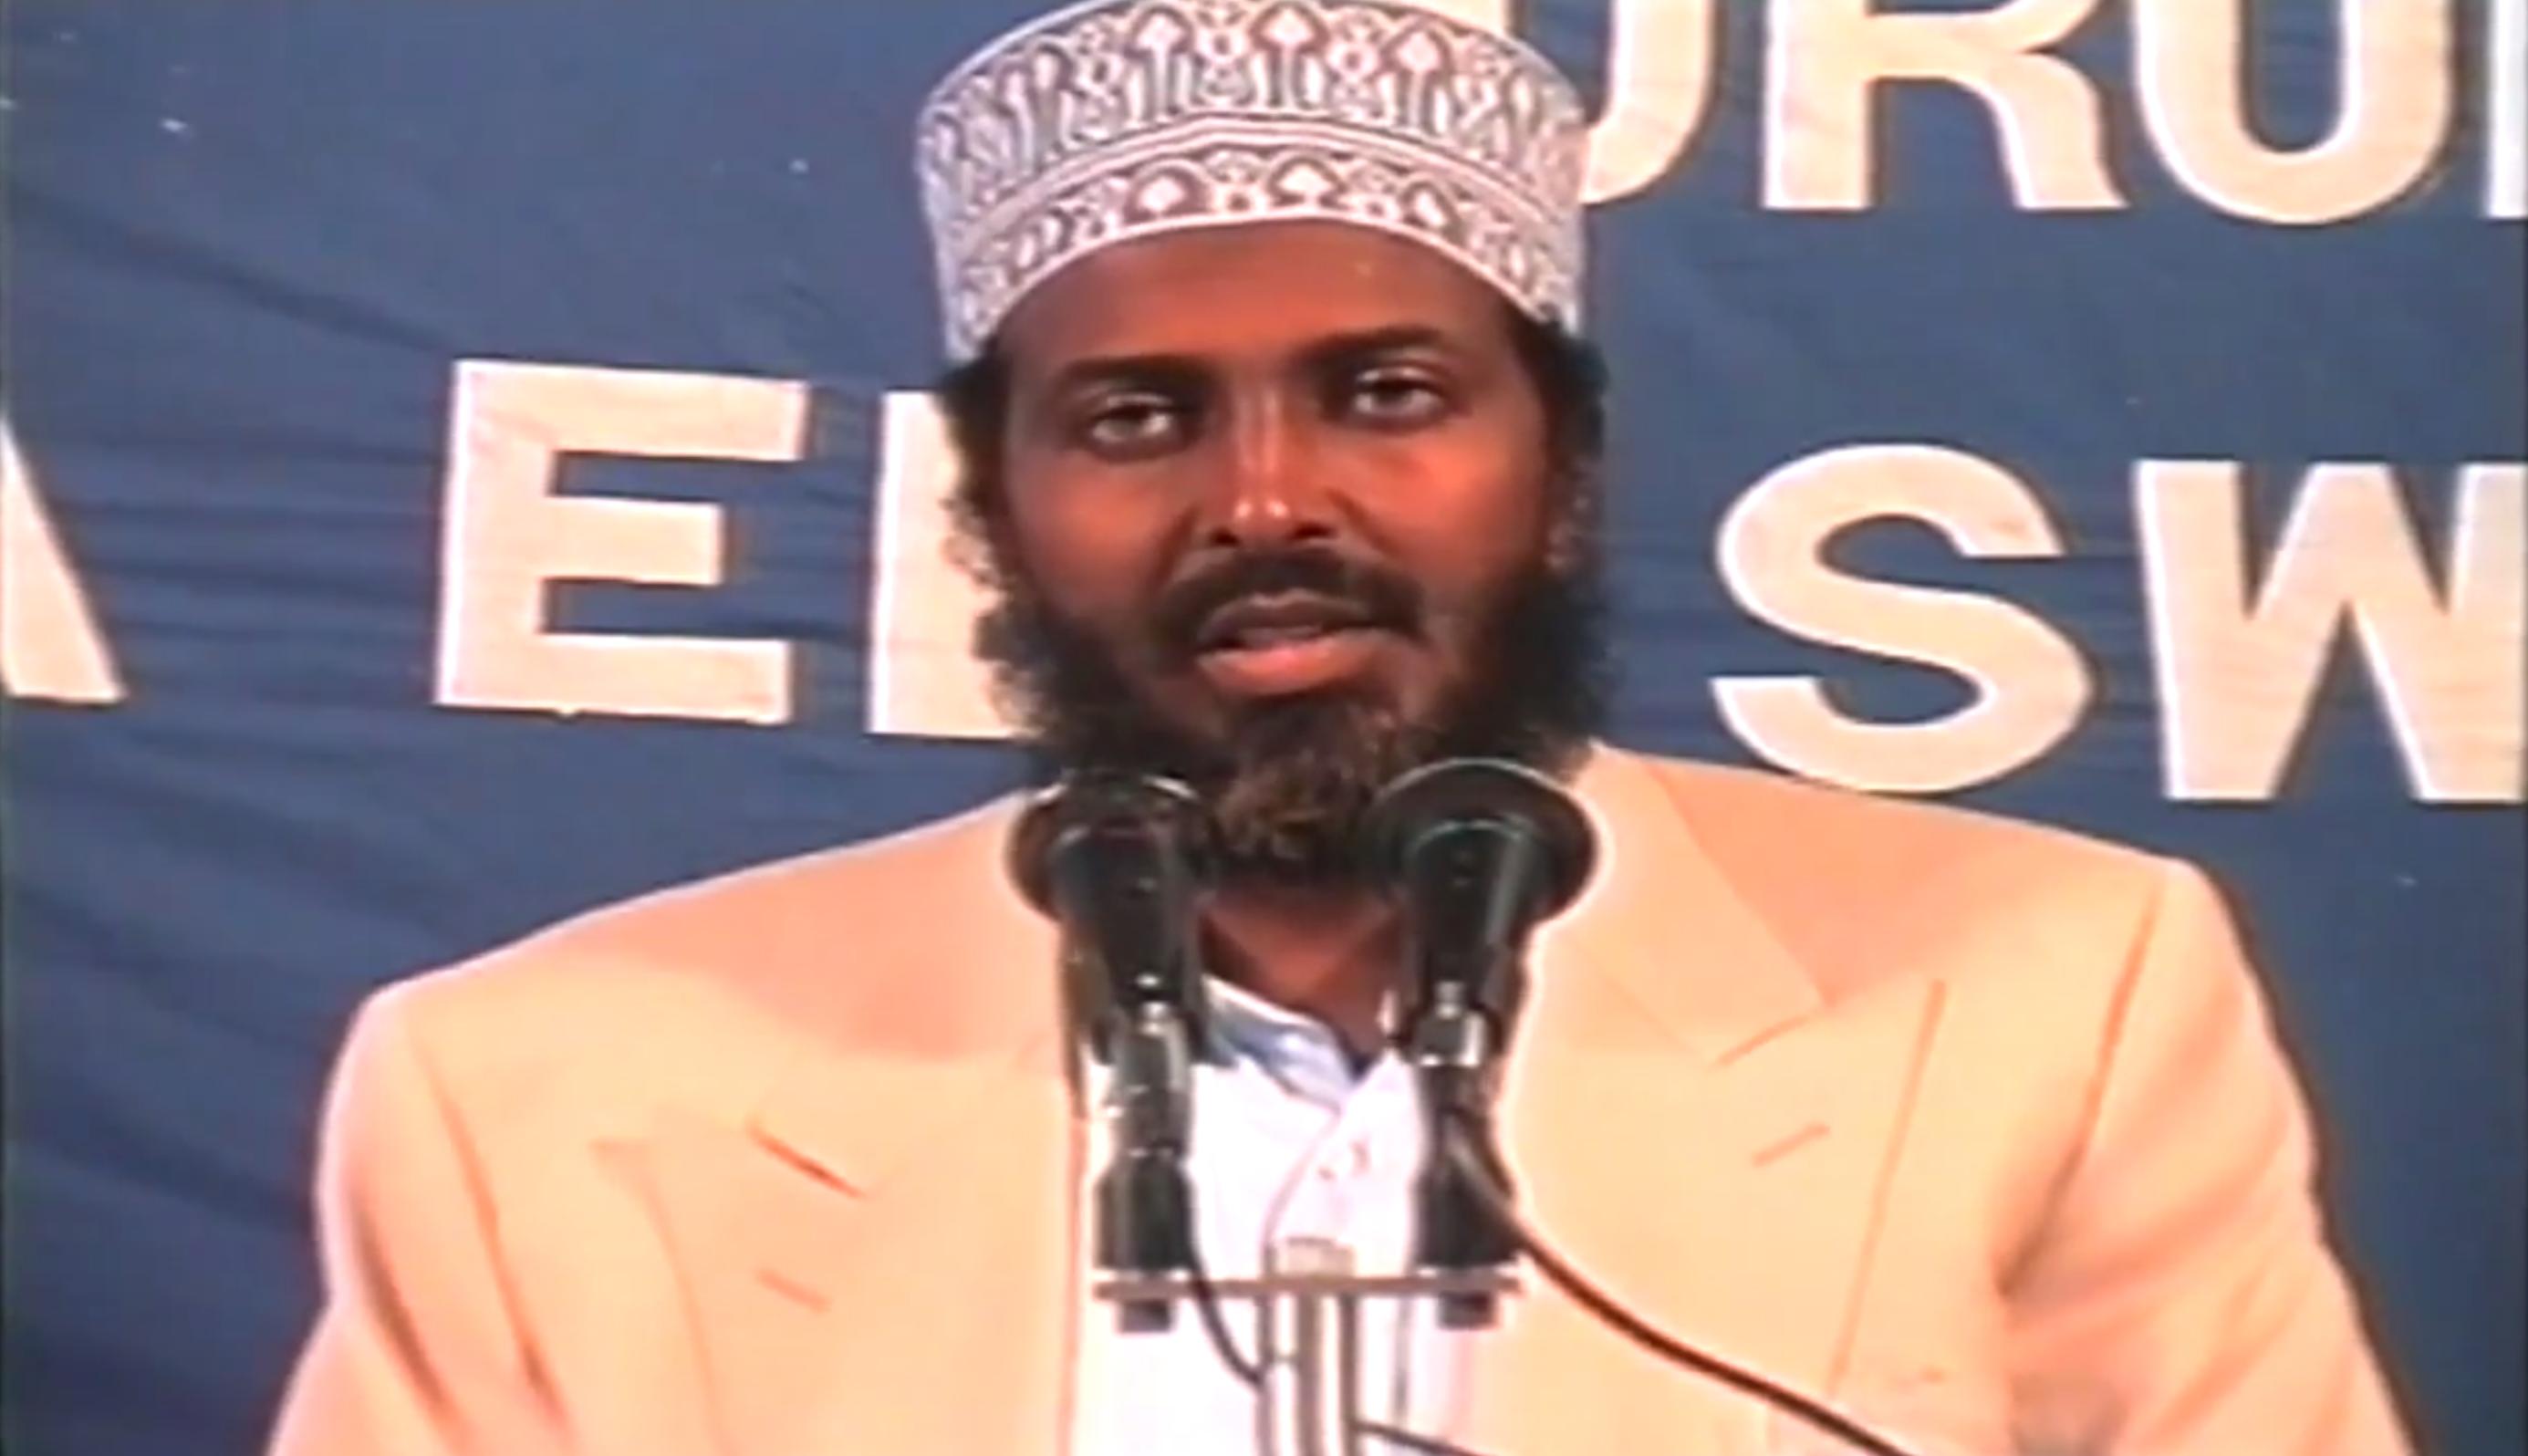 [Daawo] Sheekha ugu tujaarsan Somalida oo sharaxay sida dhaqaale loo sameeyn kara ?